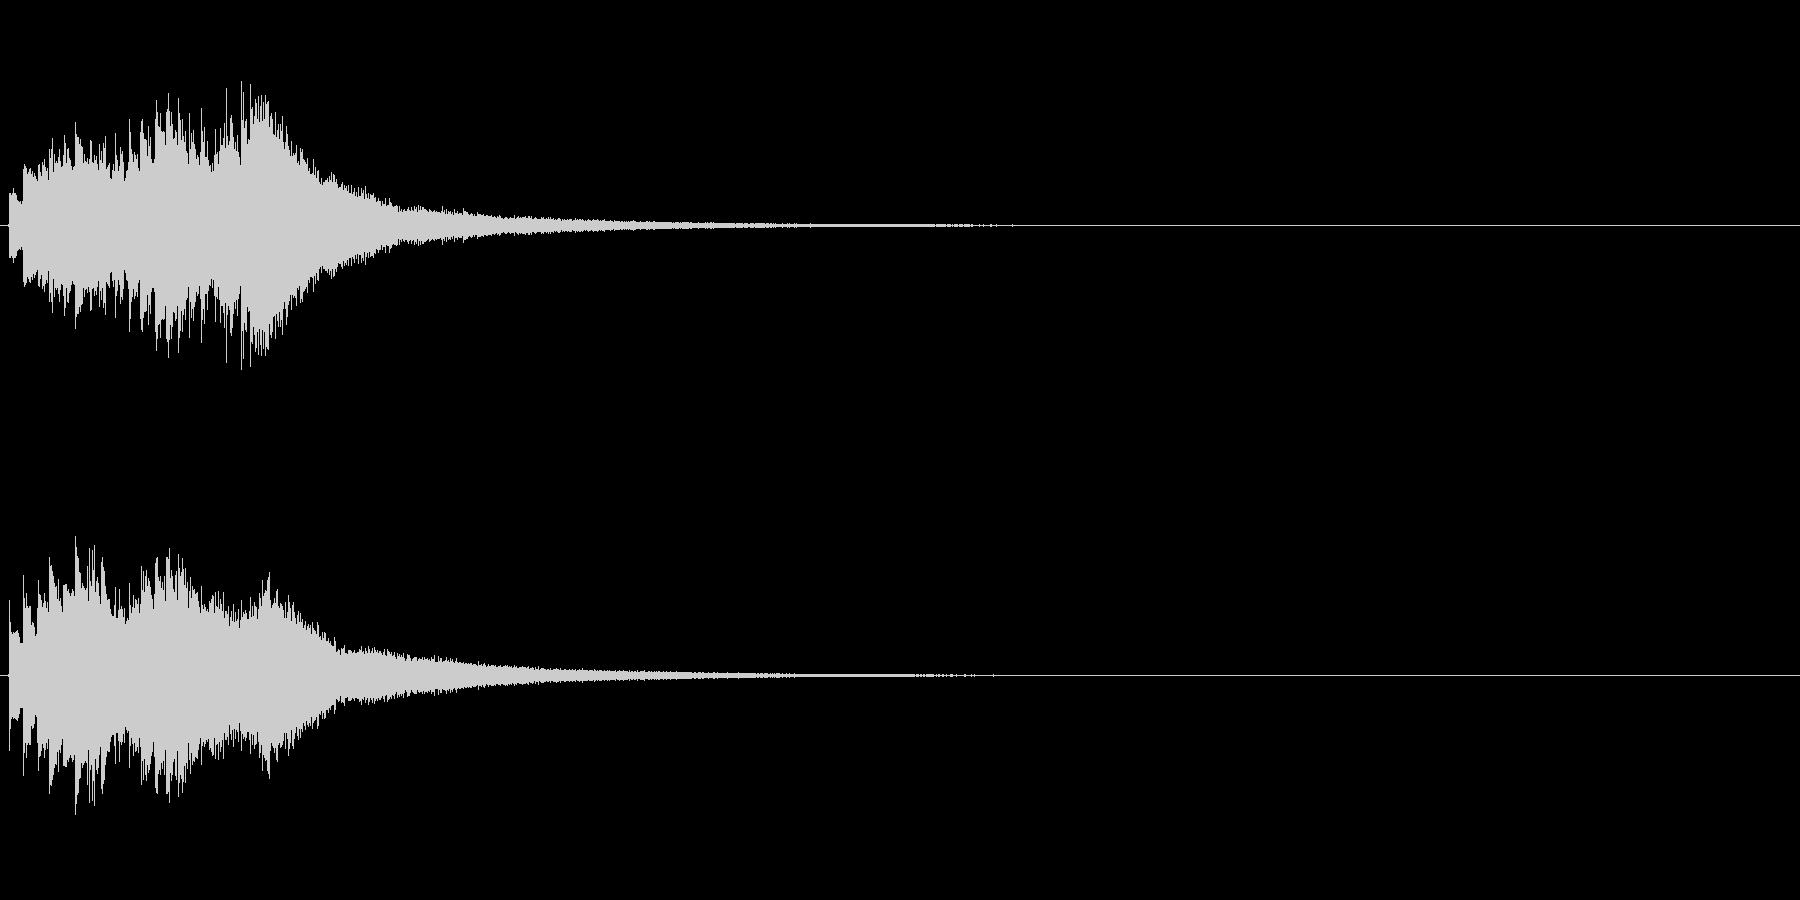 シャララララン(鉄琴を低音から高音へ)の未再生の波形